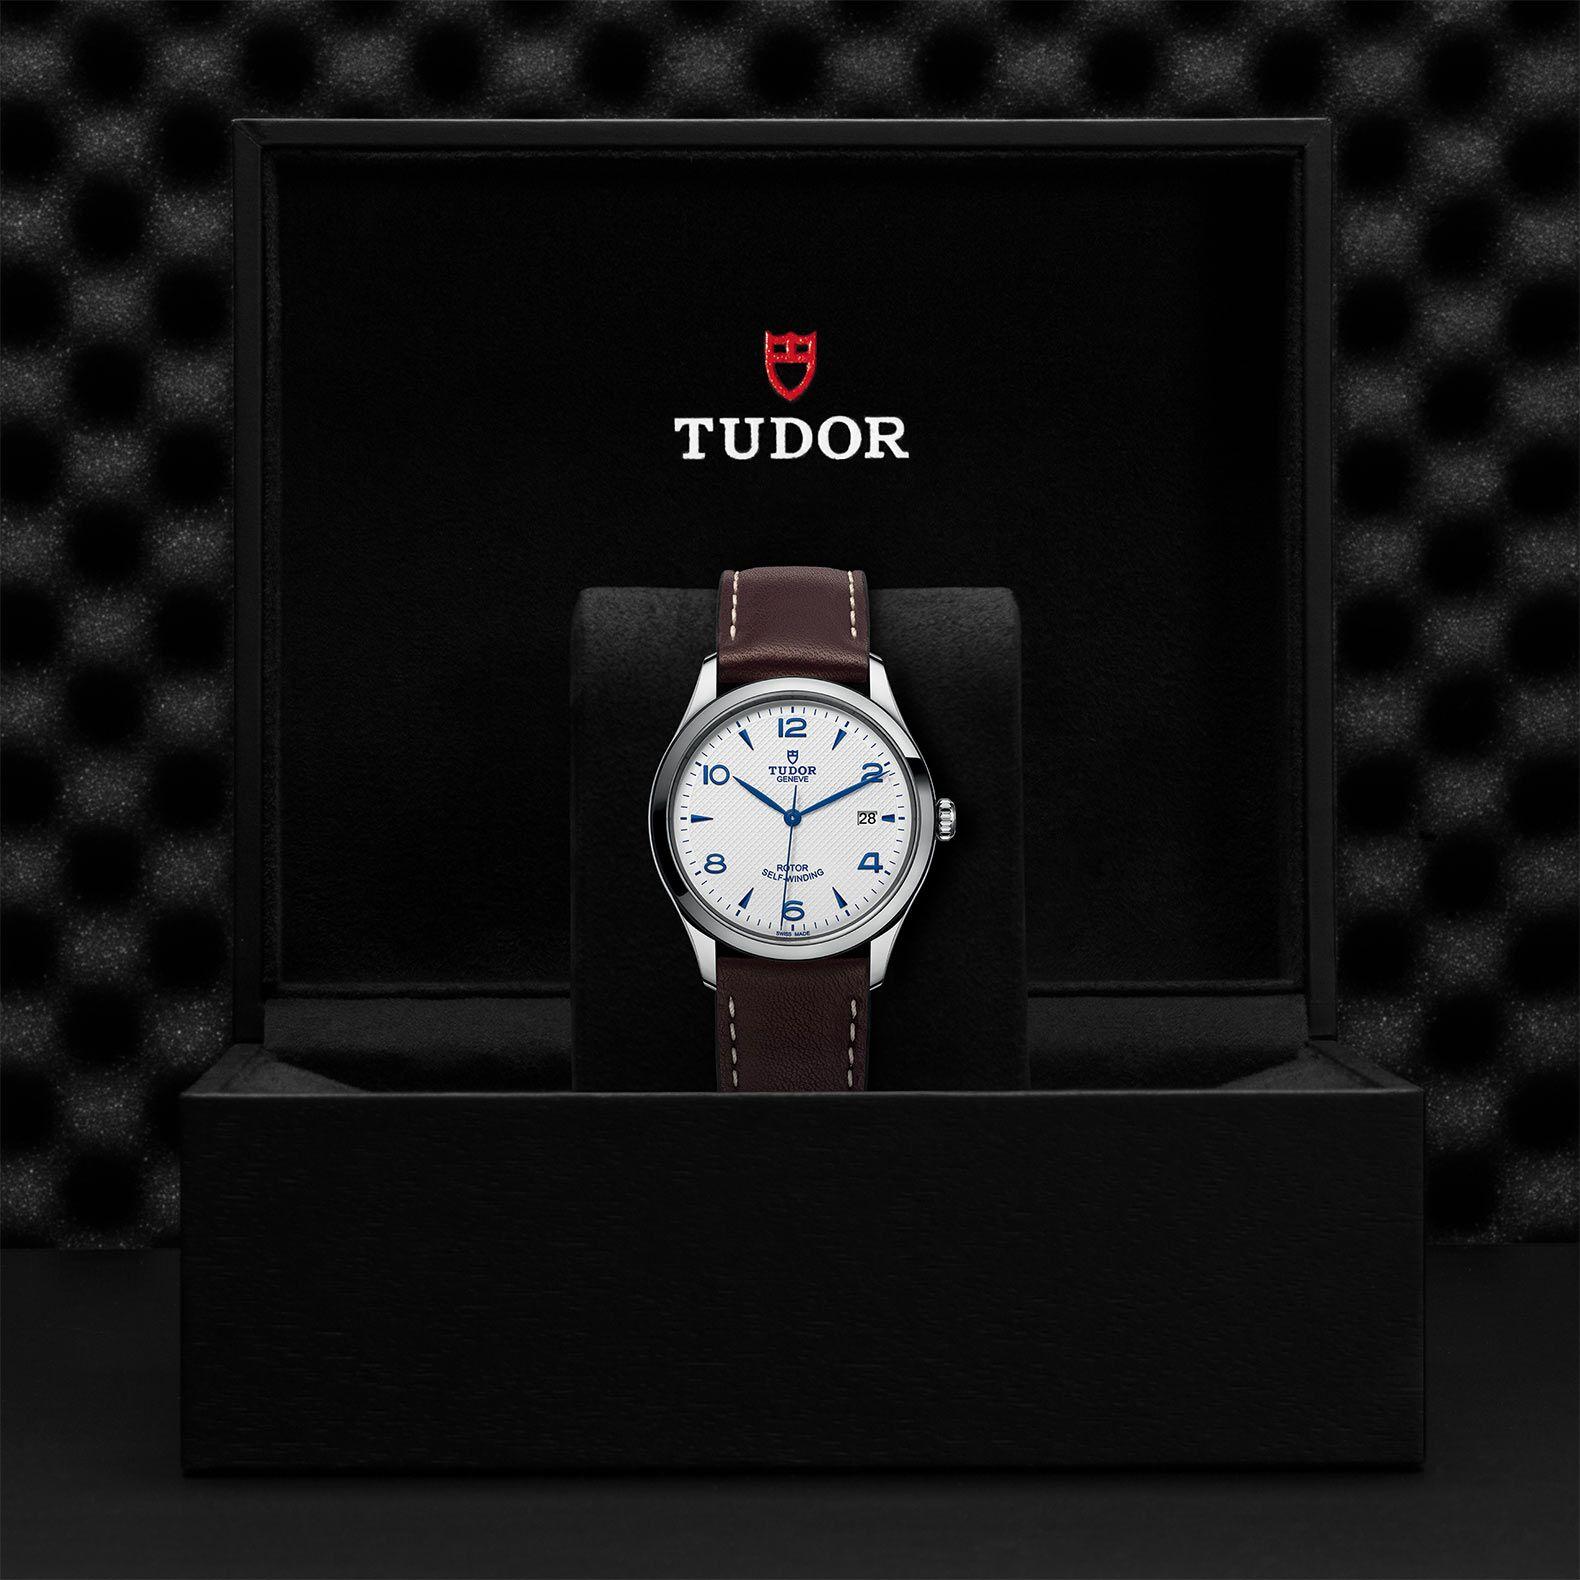 TUDOR 1926 91550 - 0010